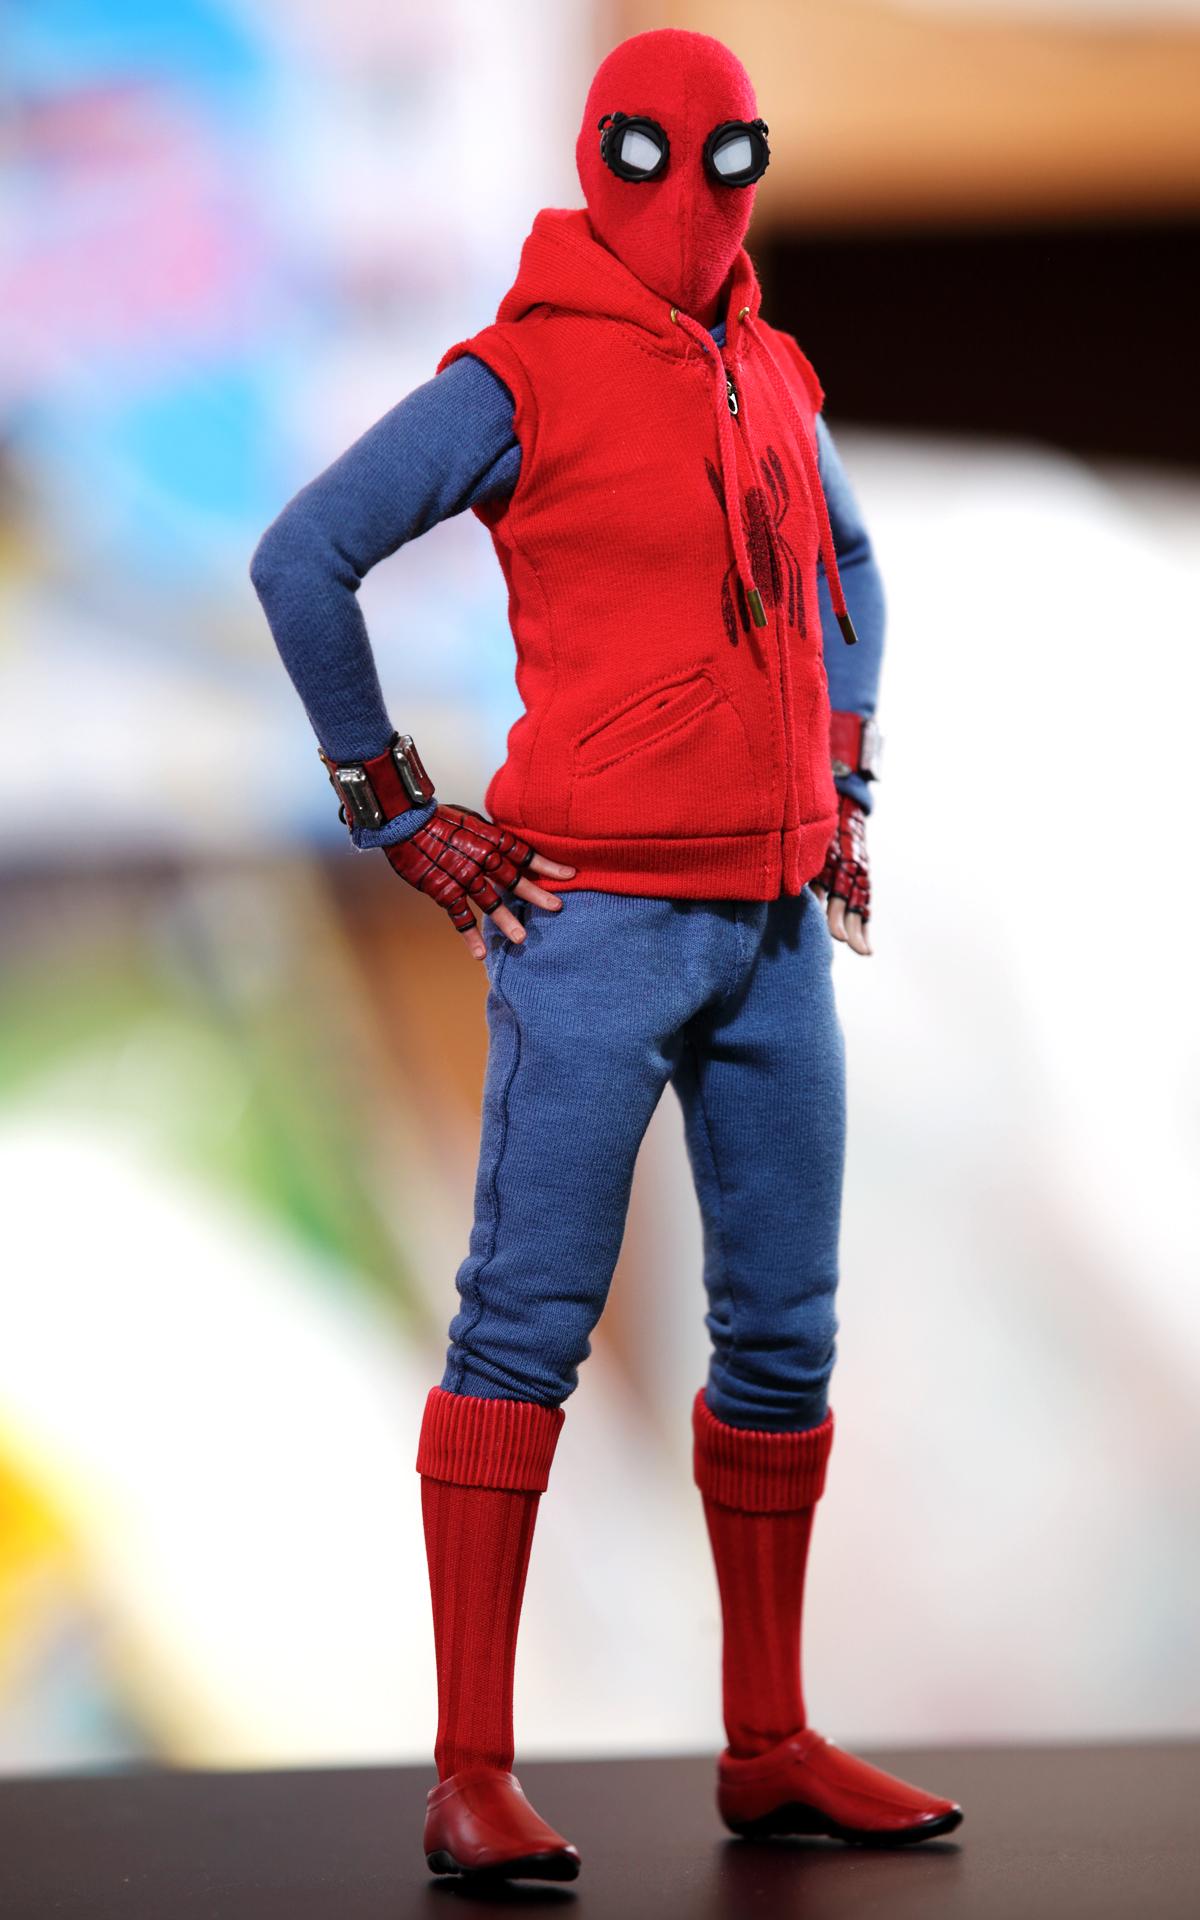 スパイダーマン ホームメイド版直立ポーズ